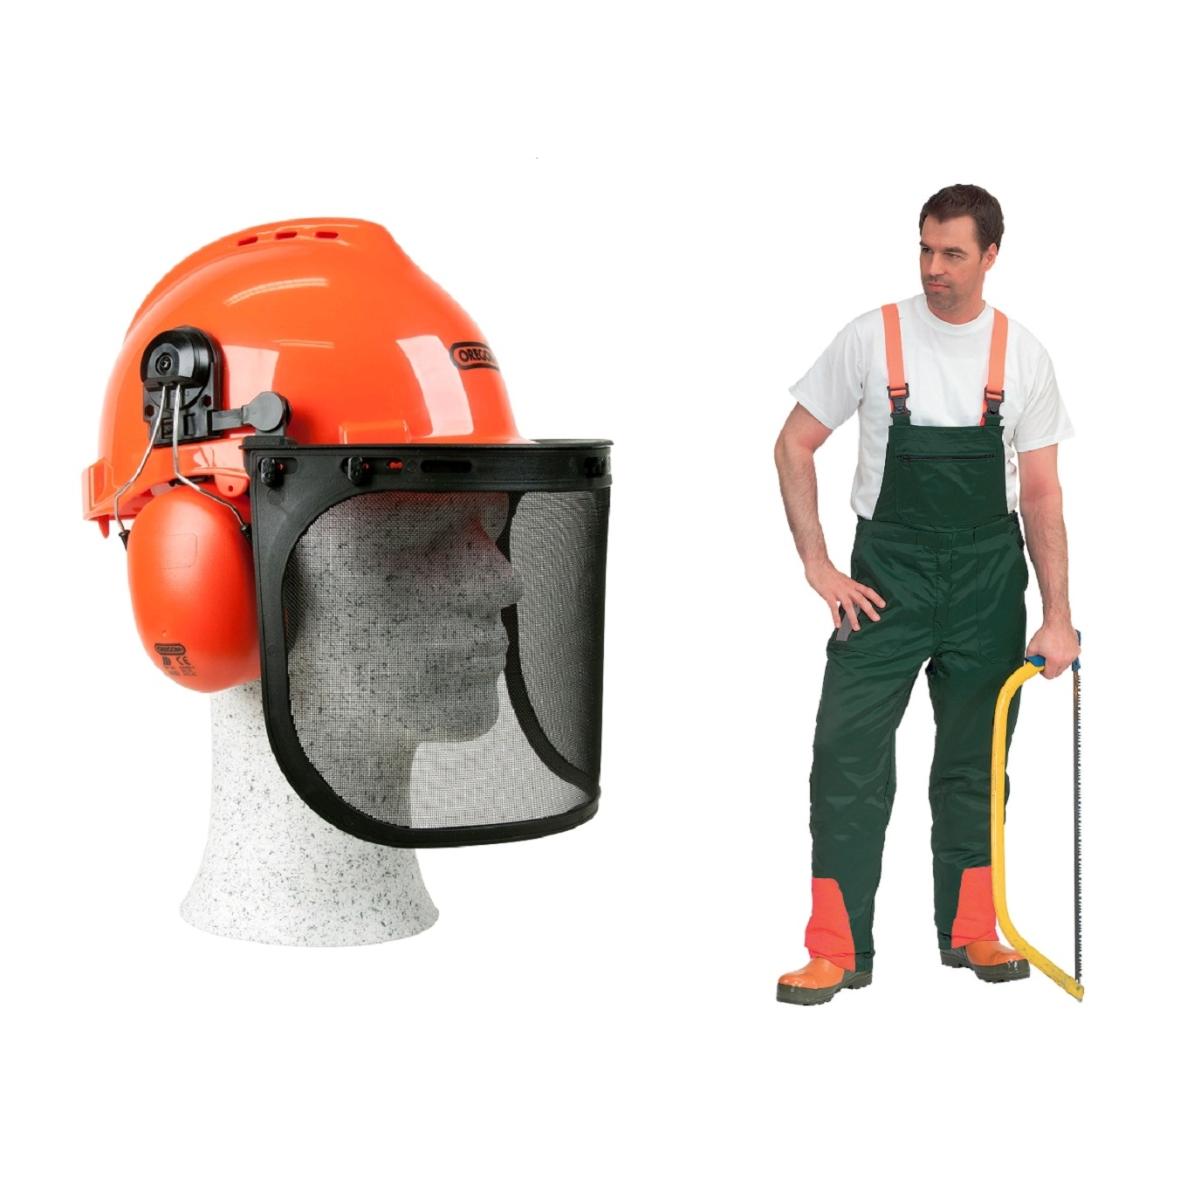 corte casco protección pantalones casco forestal Oregon Sunion set Protección de corte set 2 pzas